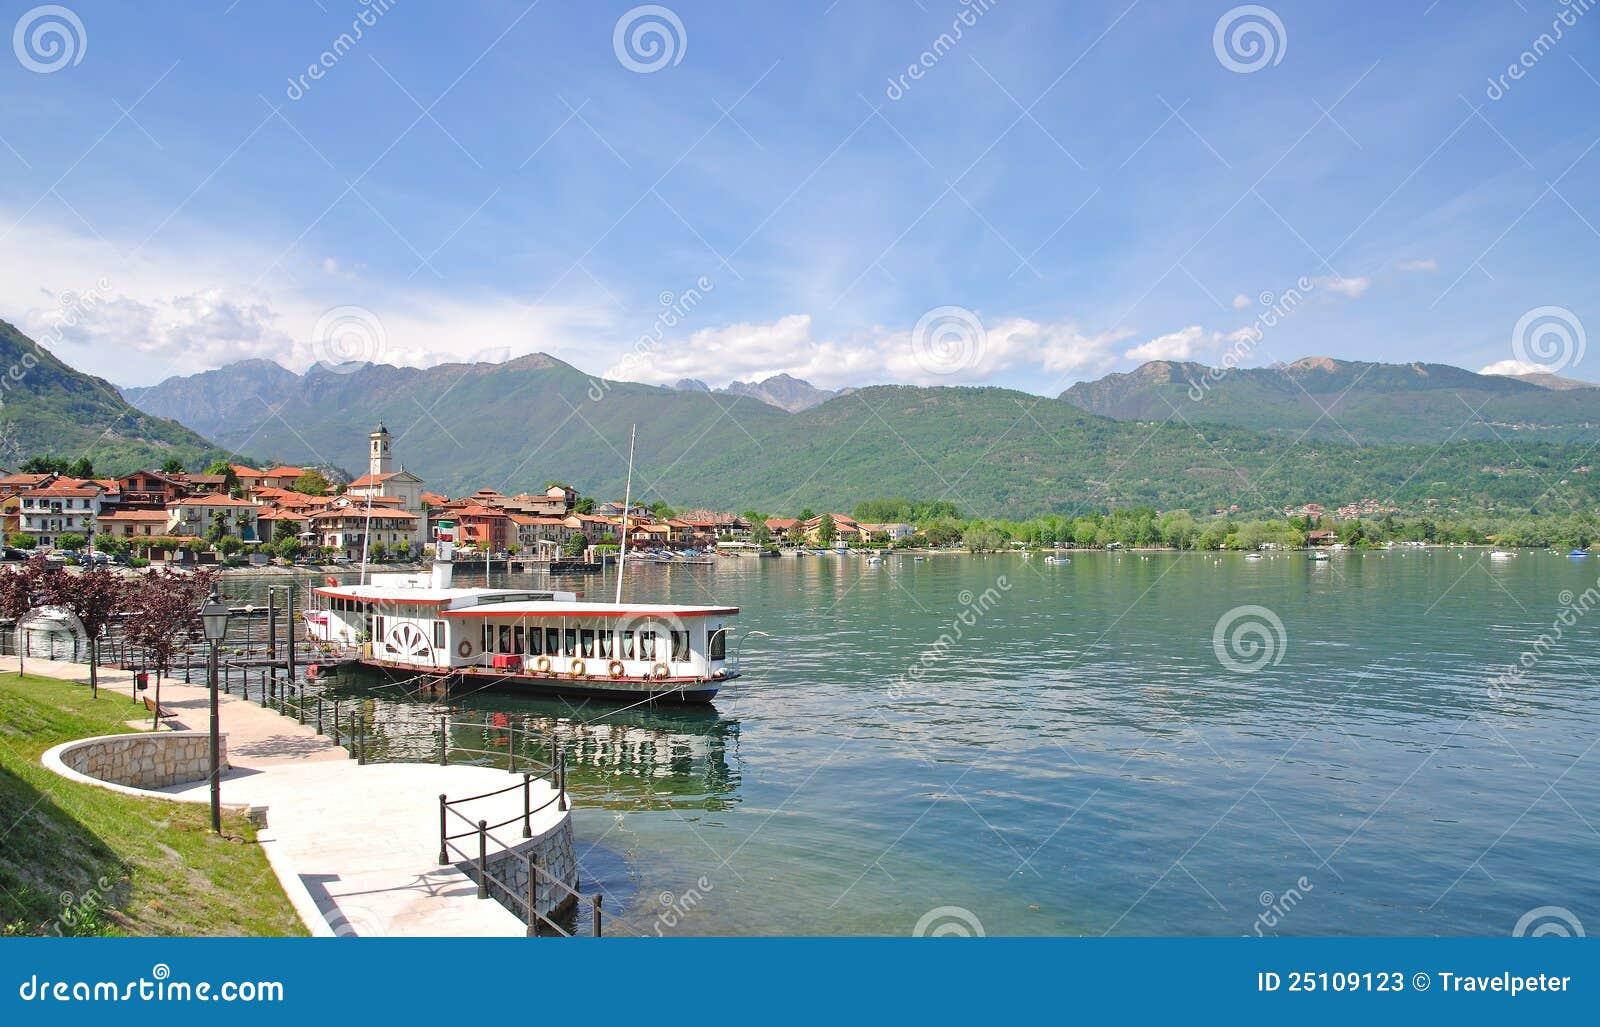 Baveno, lago Maggiore, Lago Maggiore, Italia